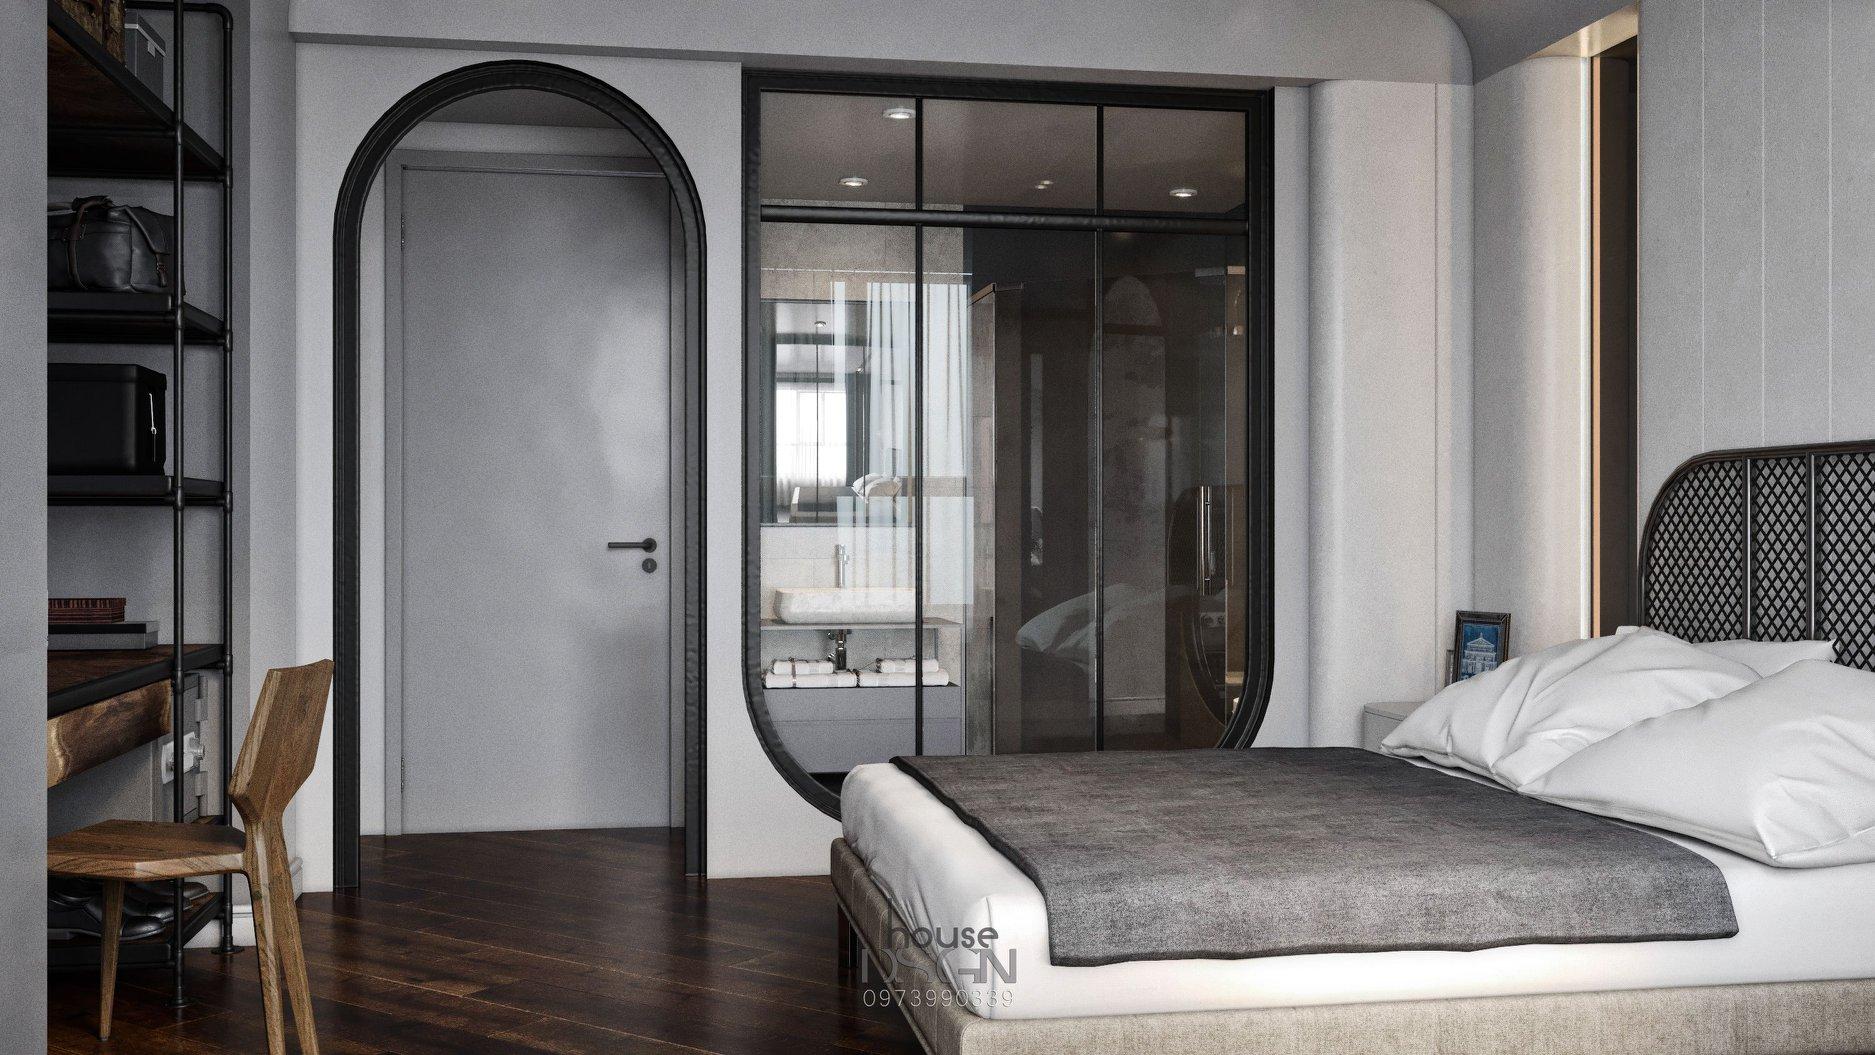 nội thất phòng ngủ khách sạn 4 sao - Housedesign